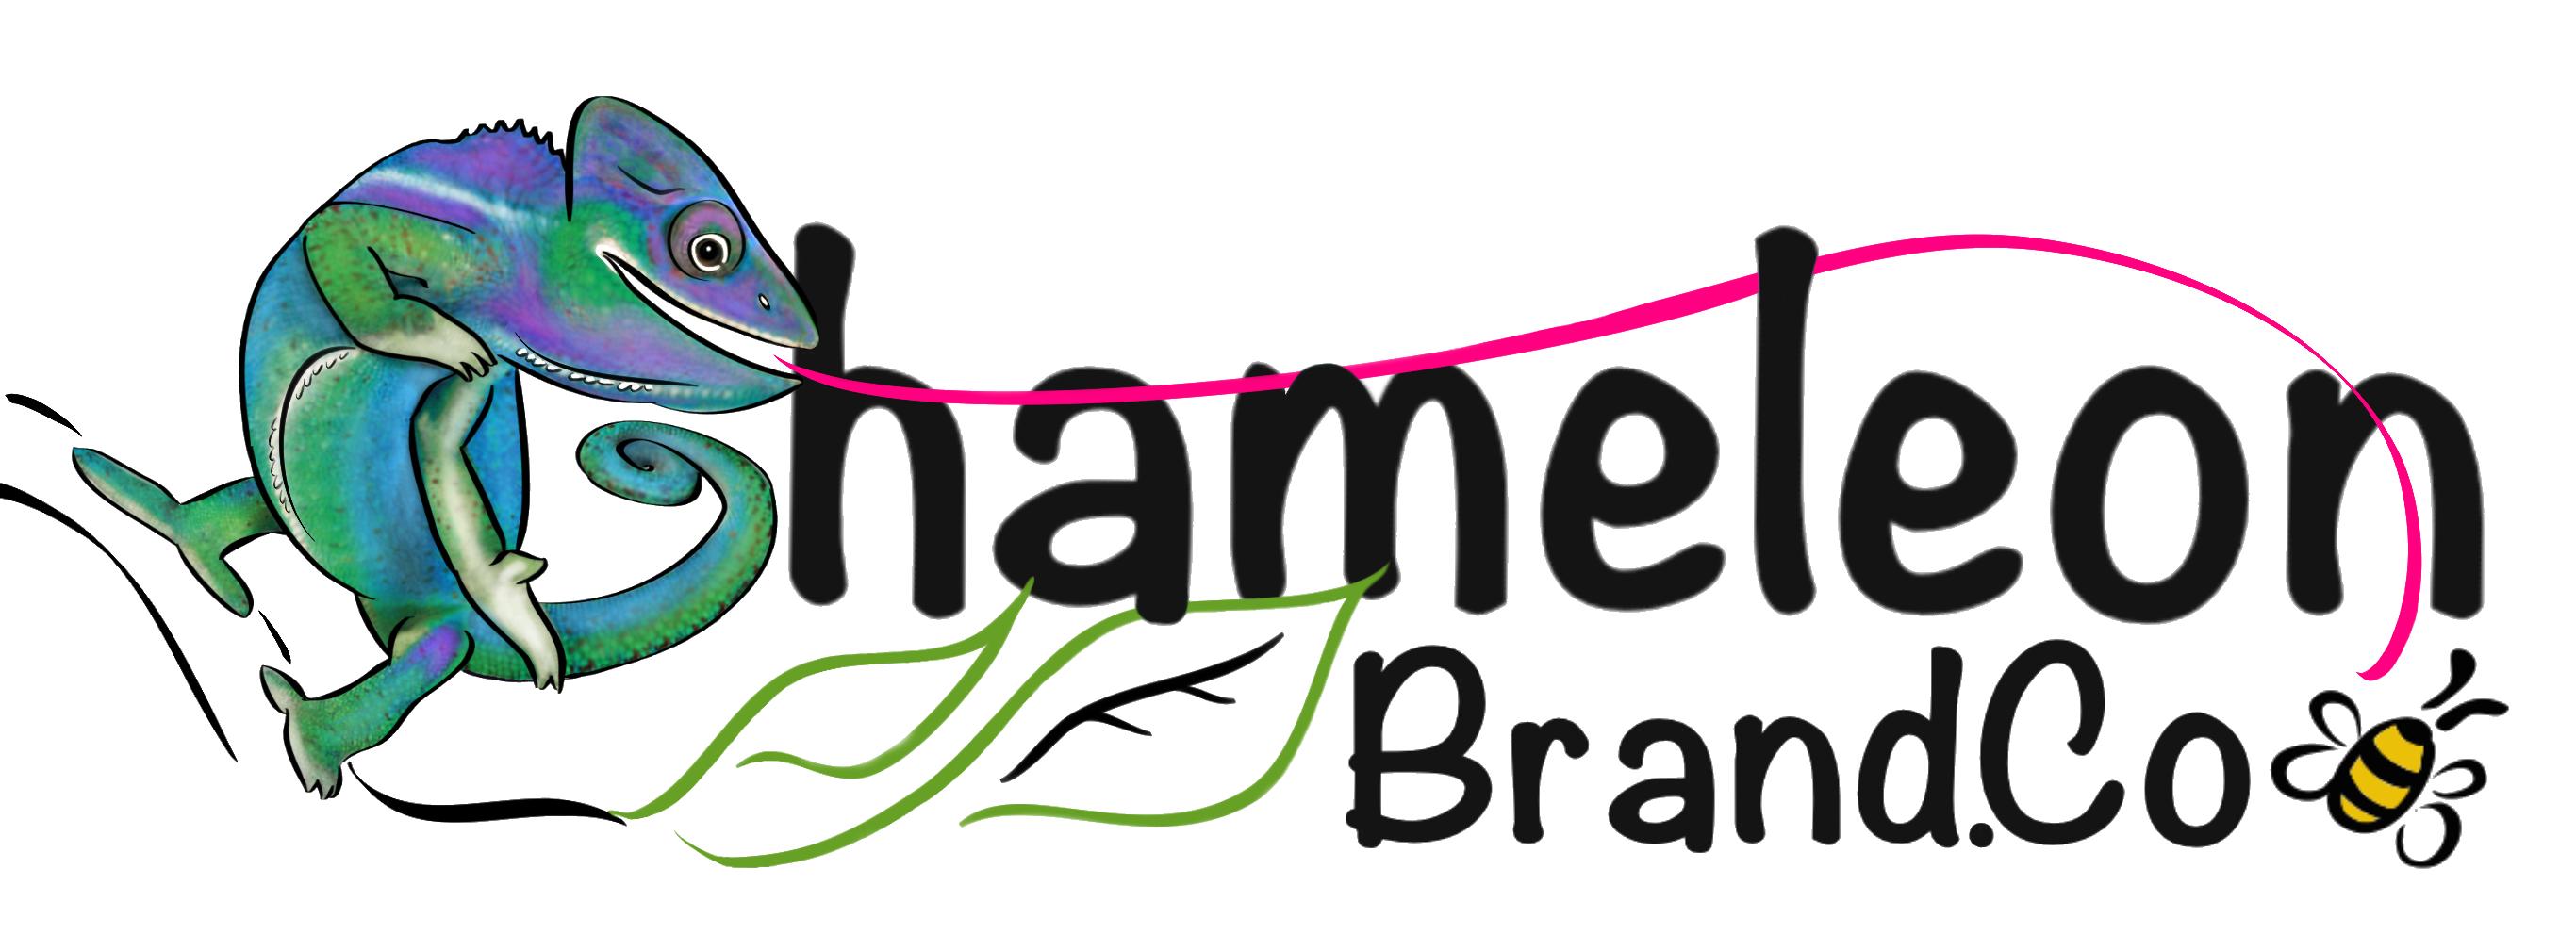 Chameleon Brand Co.